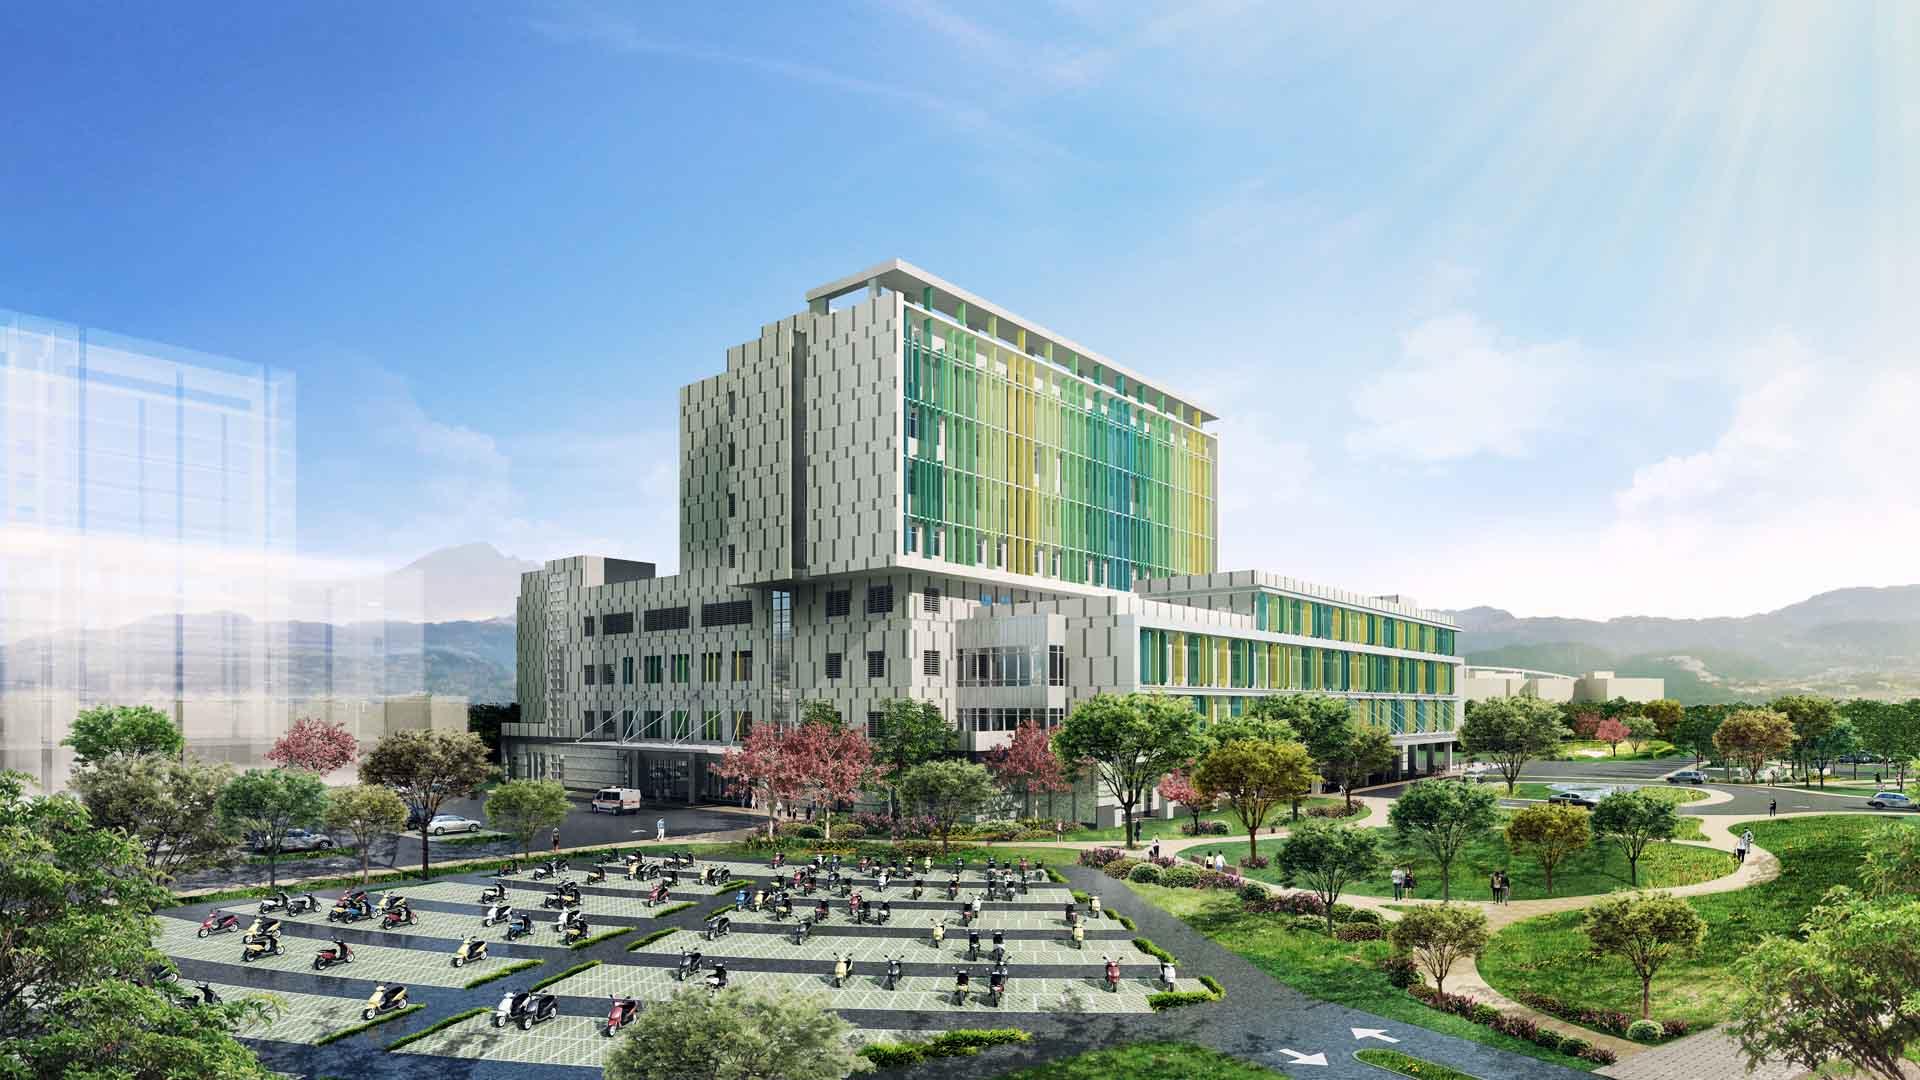 臺大醫院新竹生醫園區分院-建築示意圖1920